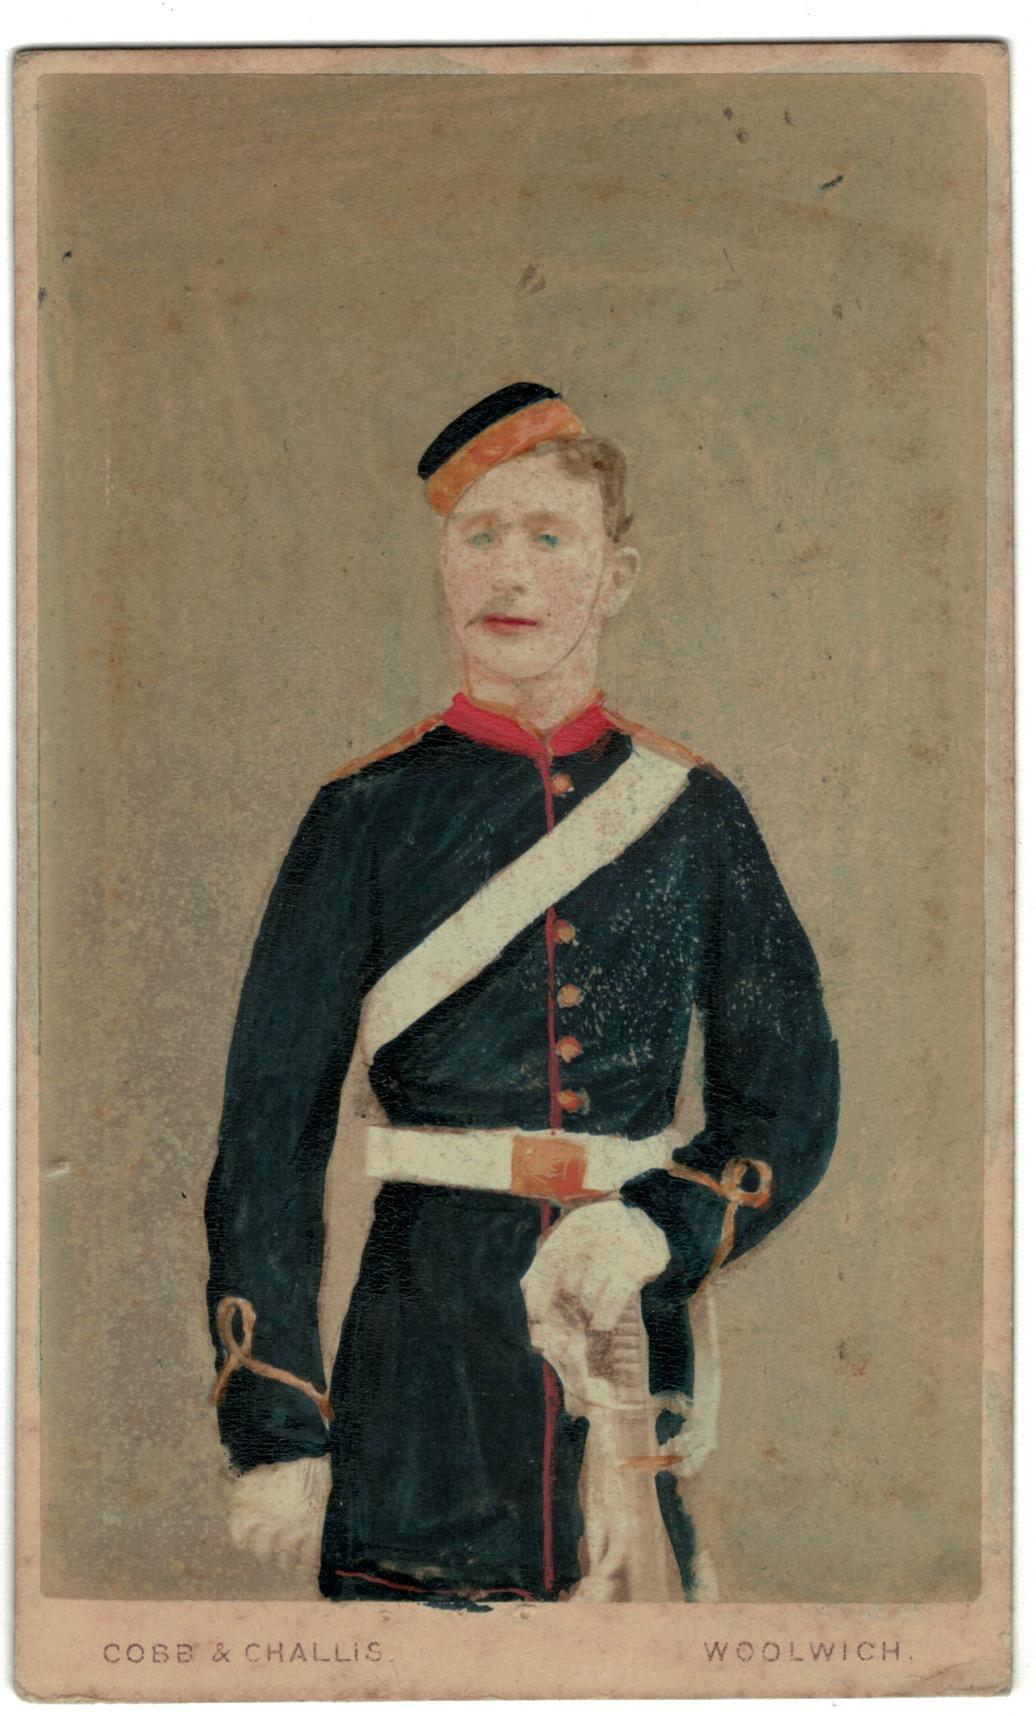 Lot de CDV - Le Prince Impérial - Louis-Napoléon Bonaparte - Photo - Carte de Visite - Louis-Napoléon Bonaparte (1856-1879)